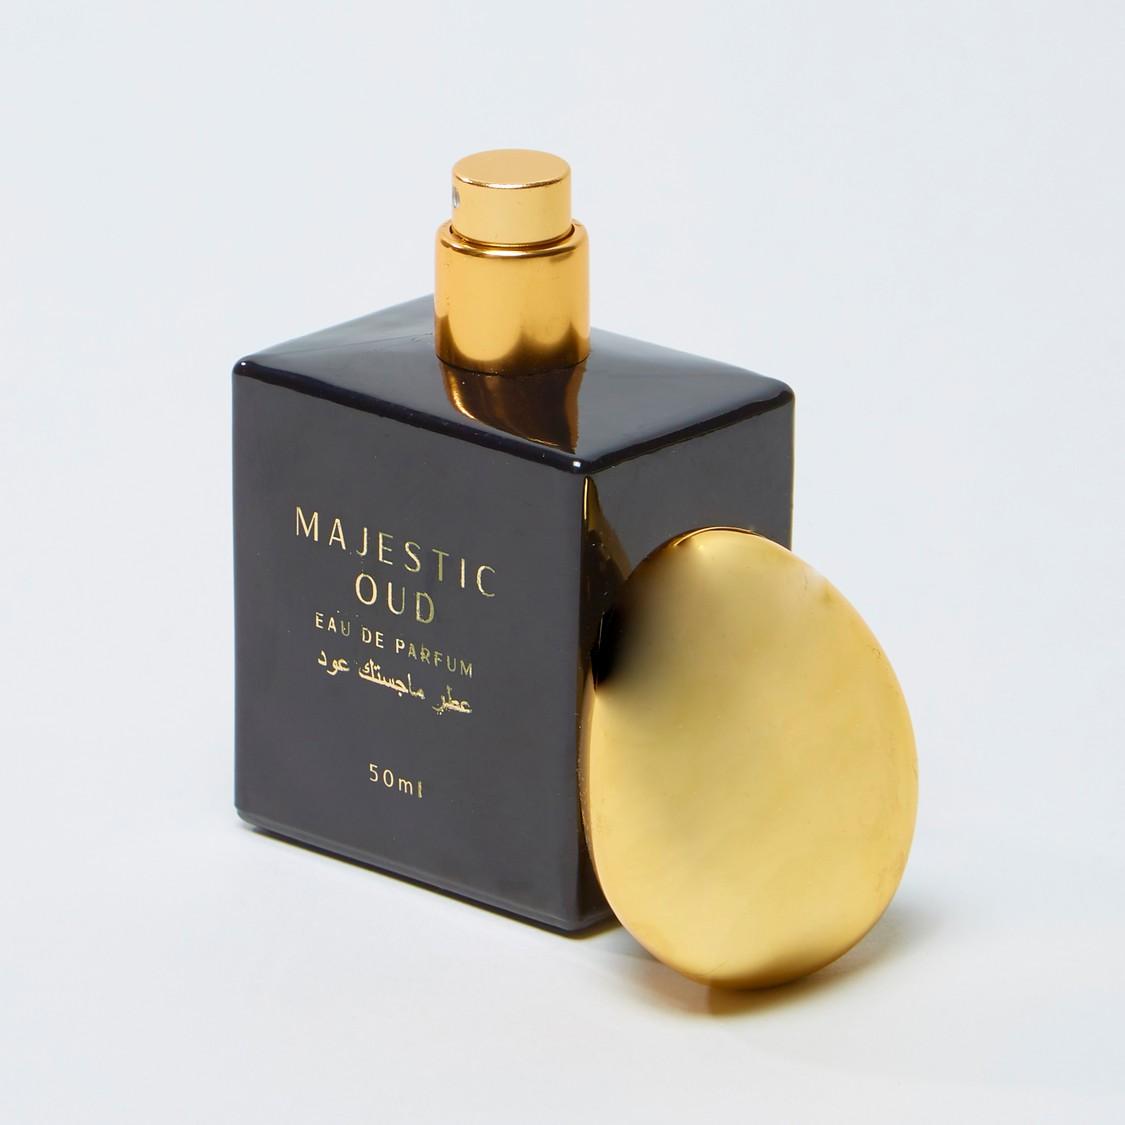 Majestic Oud Eau De Parfum - 50 ml